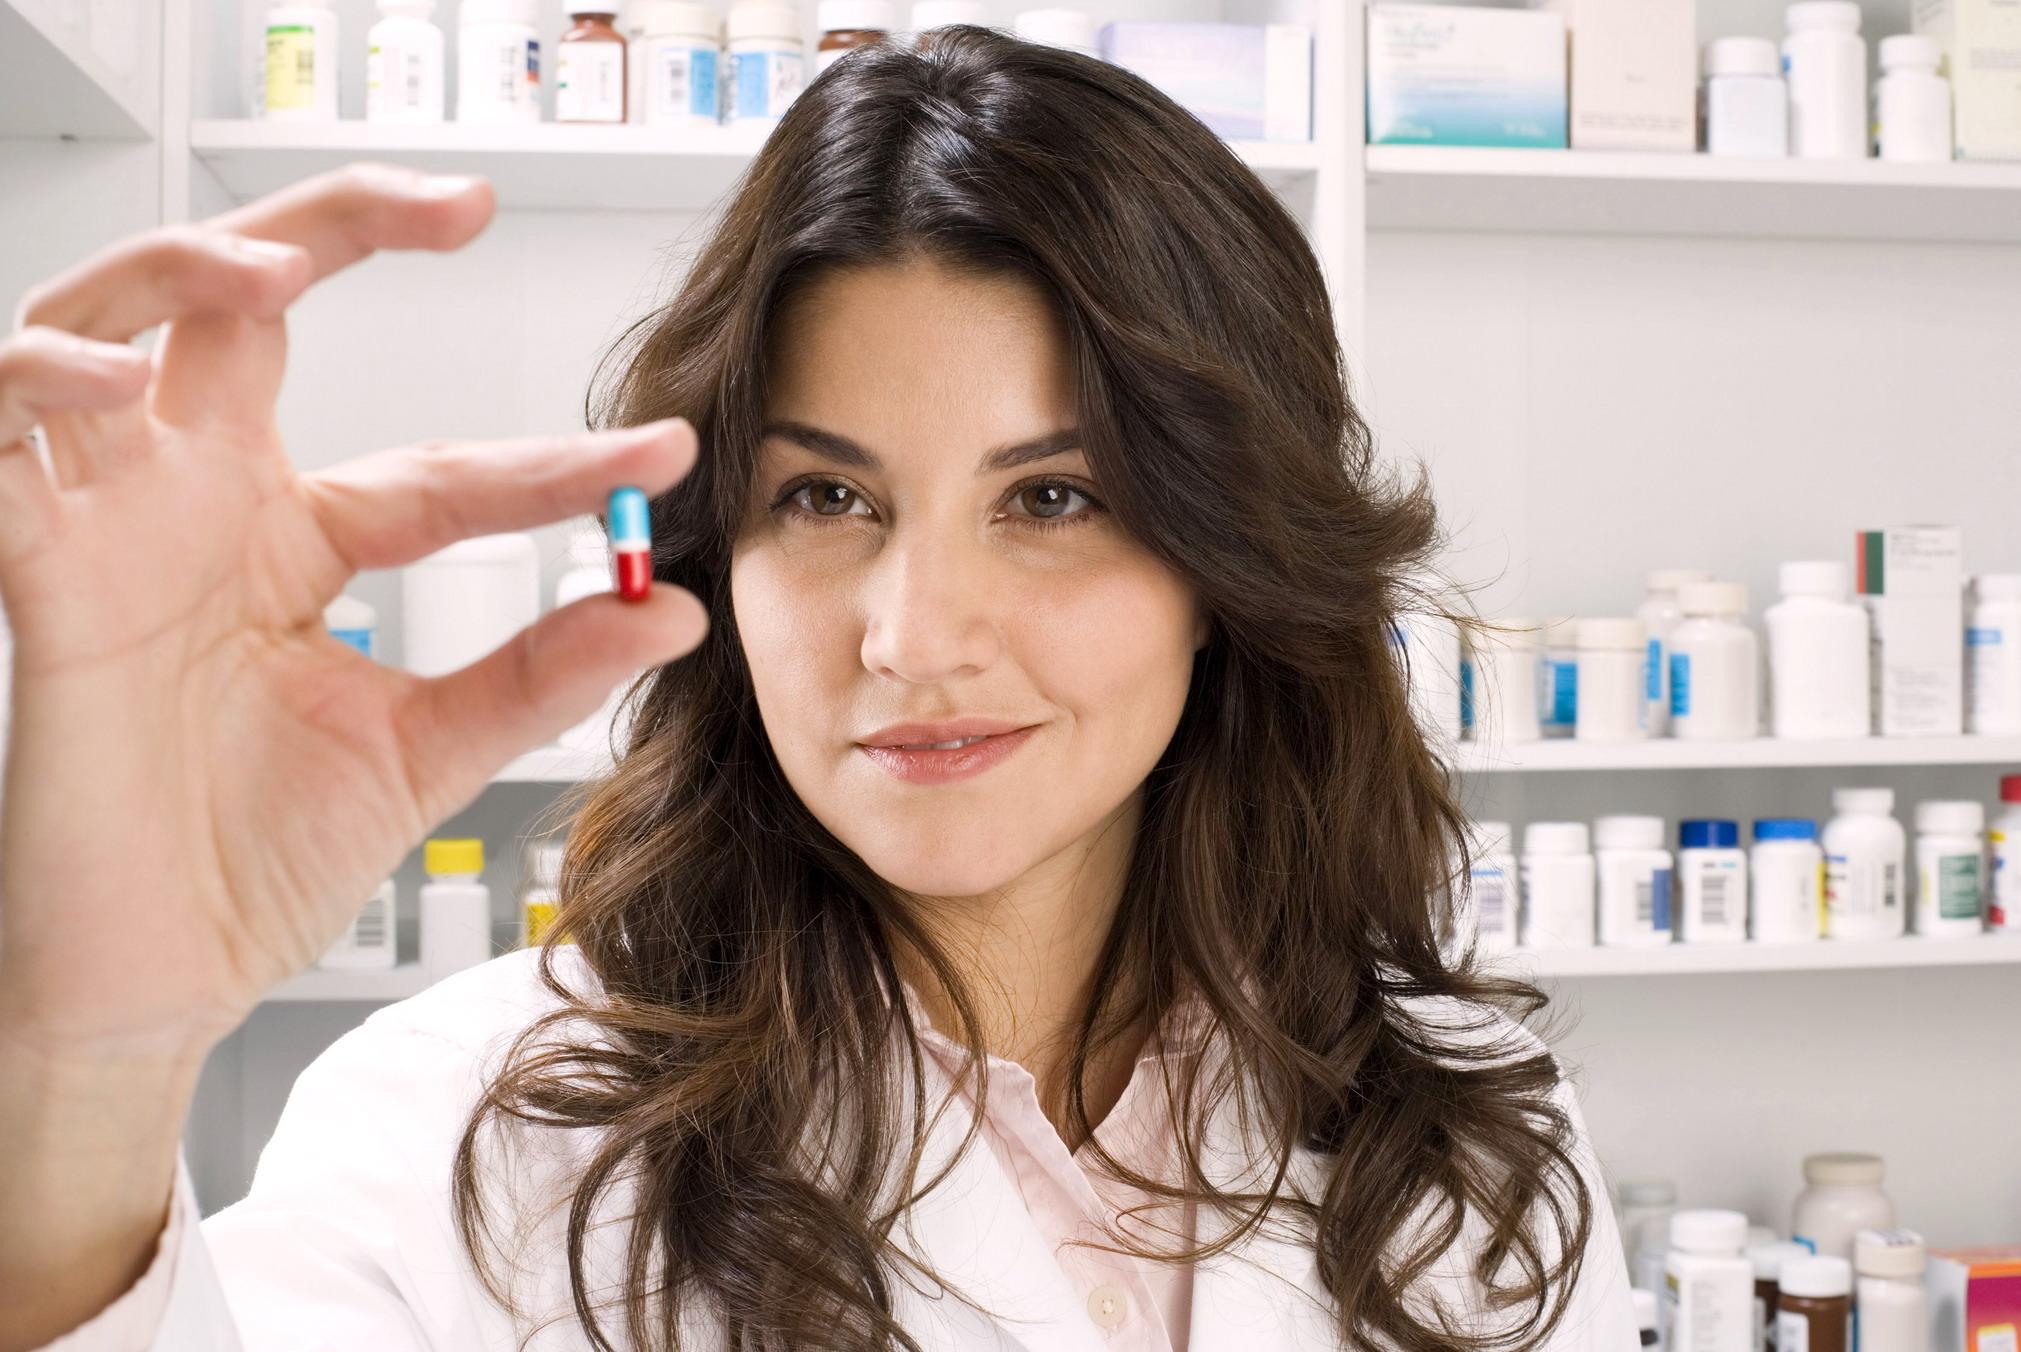 quali pillole dietetiche puoi assumere con la pressione alta